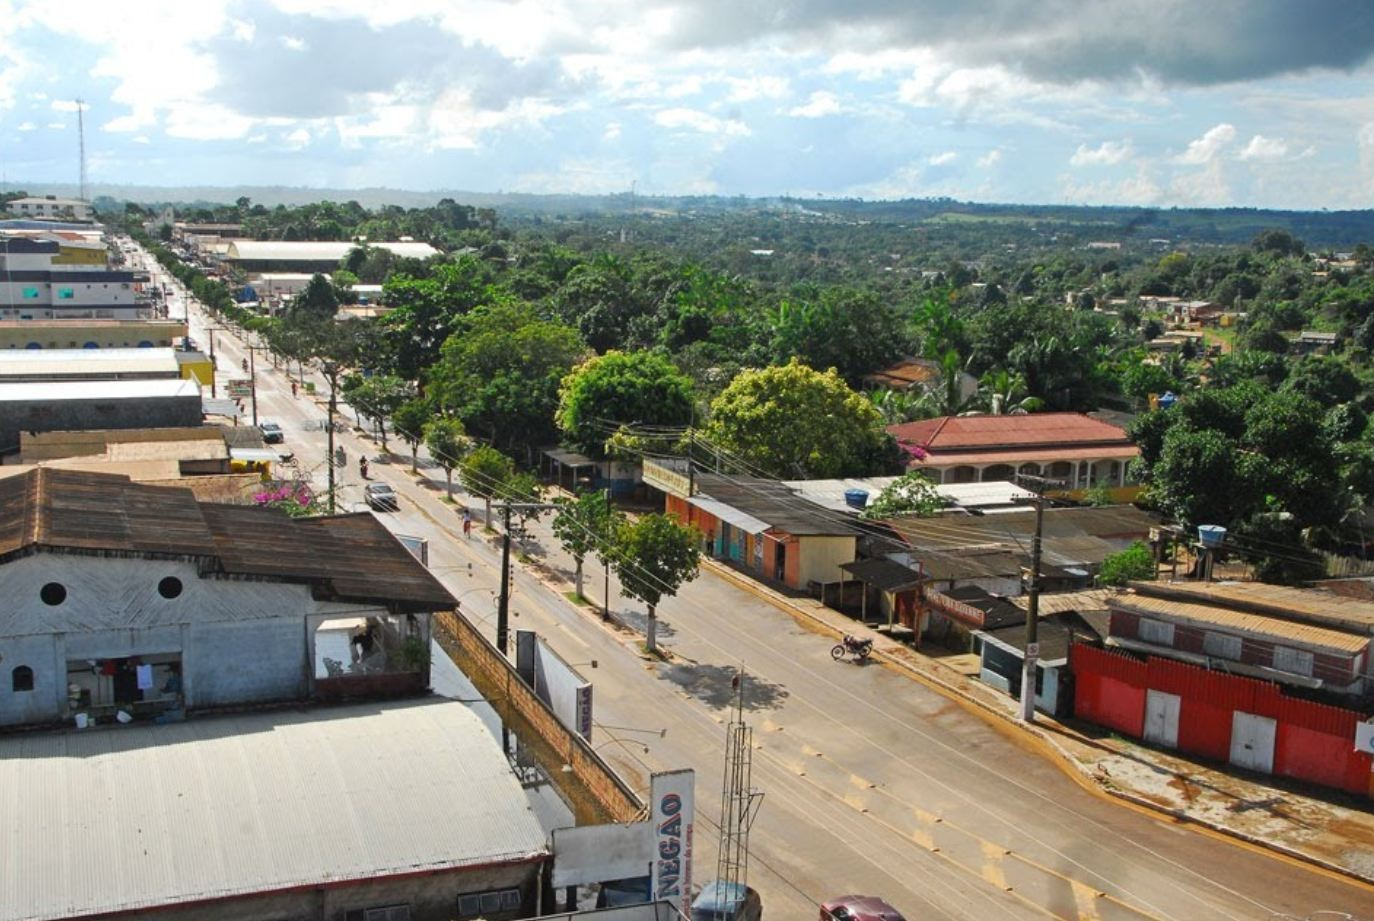 Lei proíbe corte de energia elétrica e água de moradores durante o final de semana e feriados em Epitaciolândia